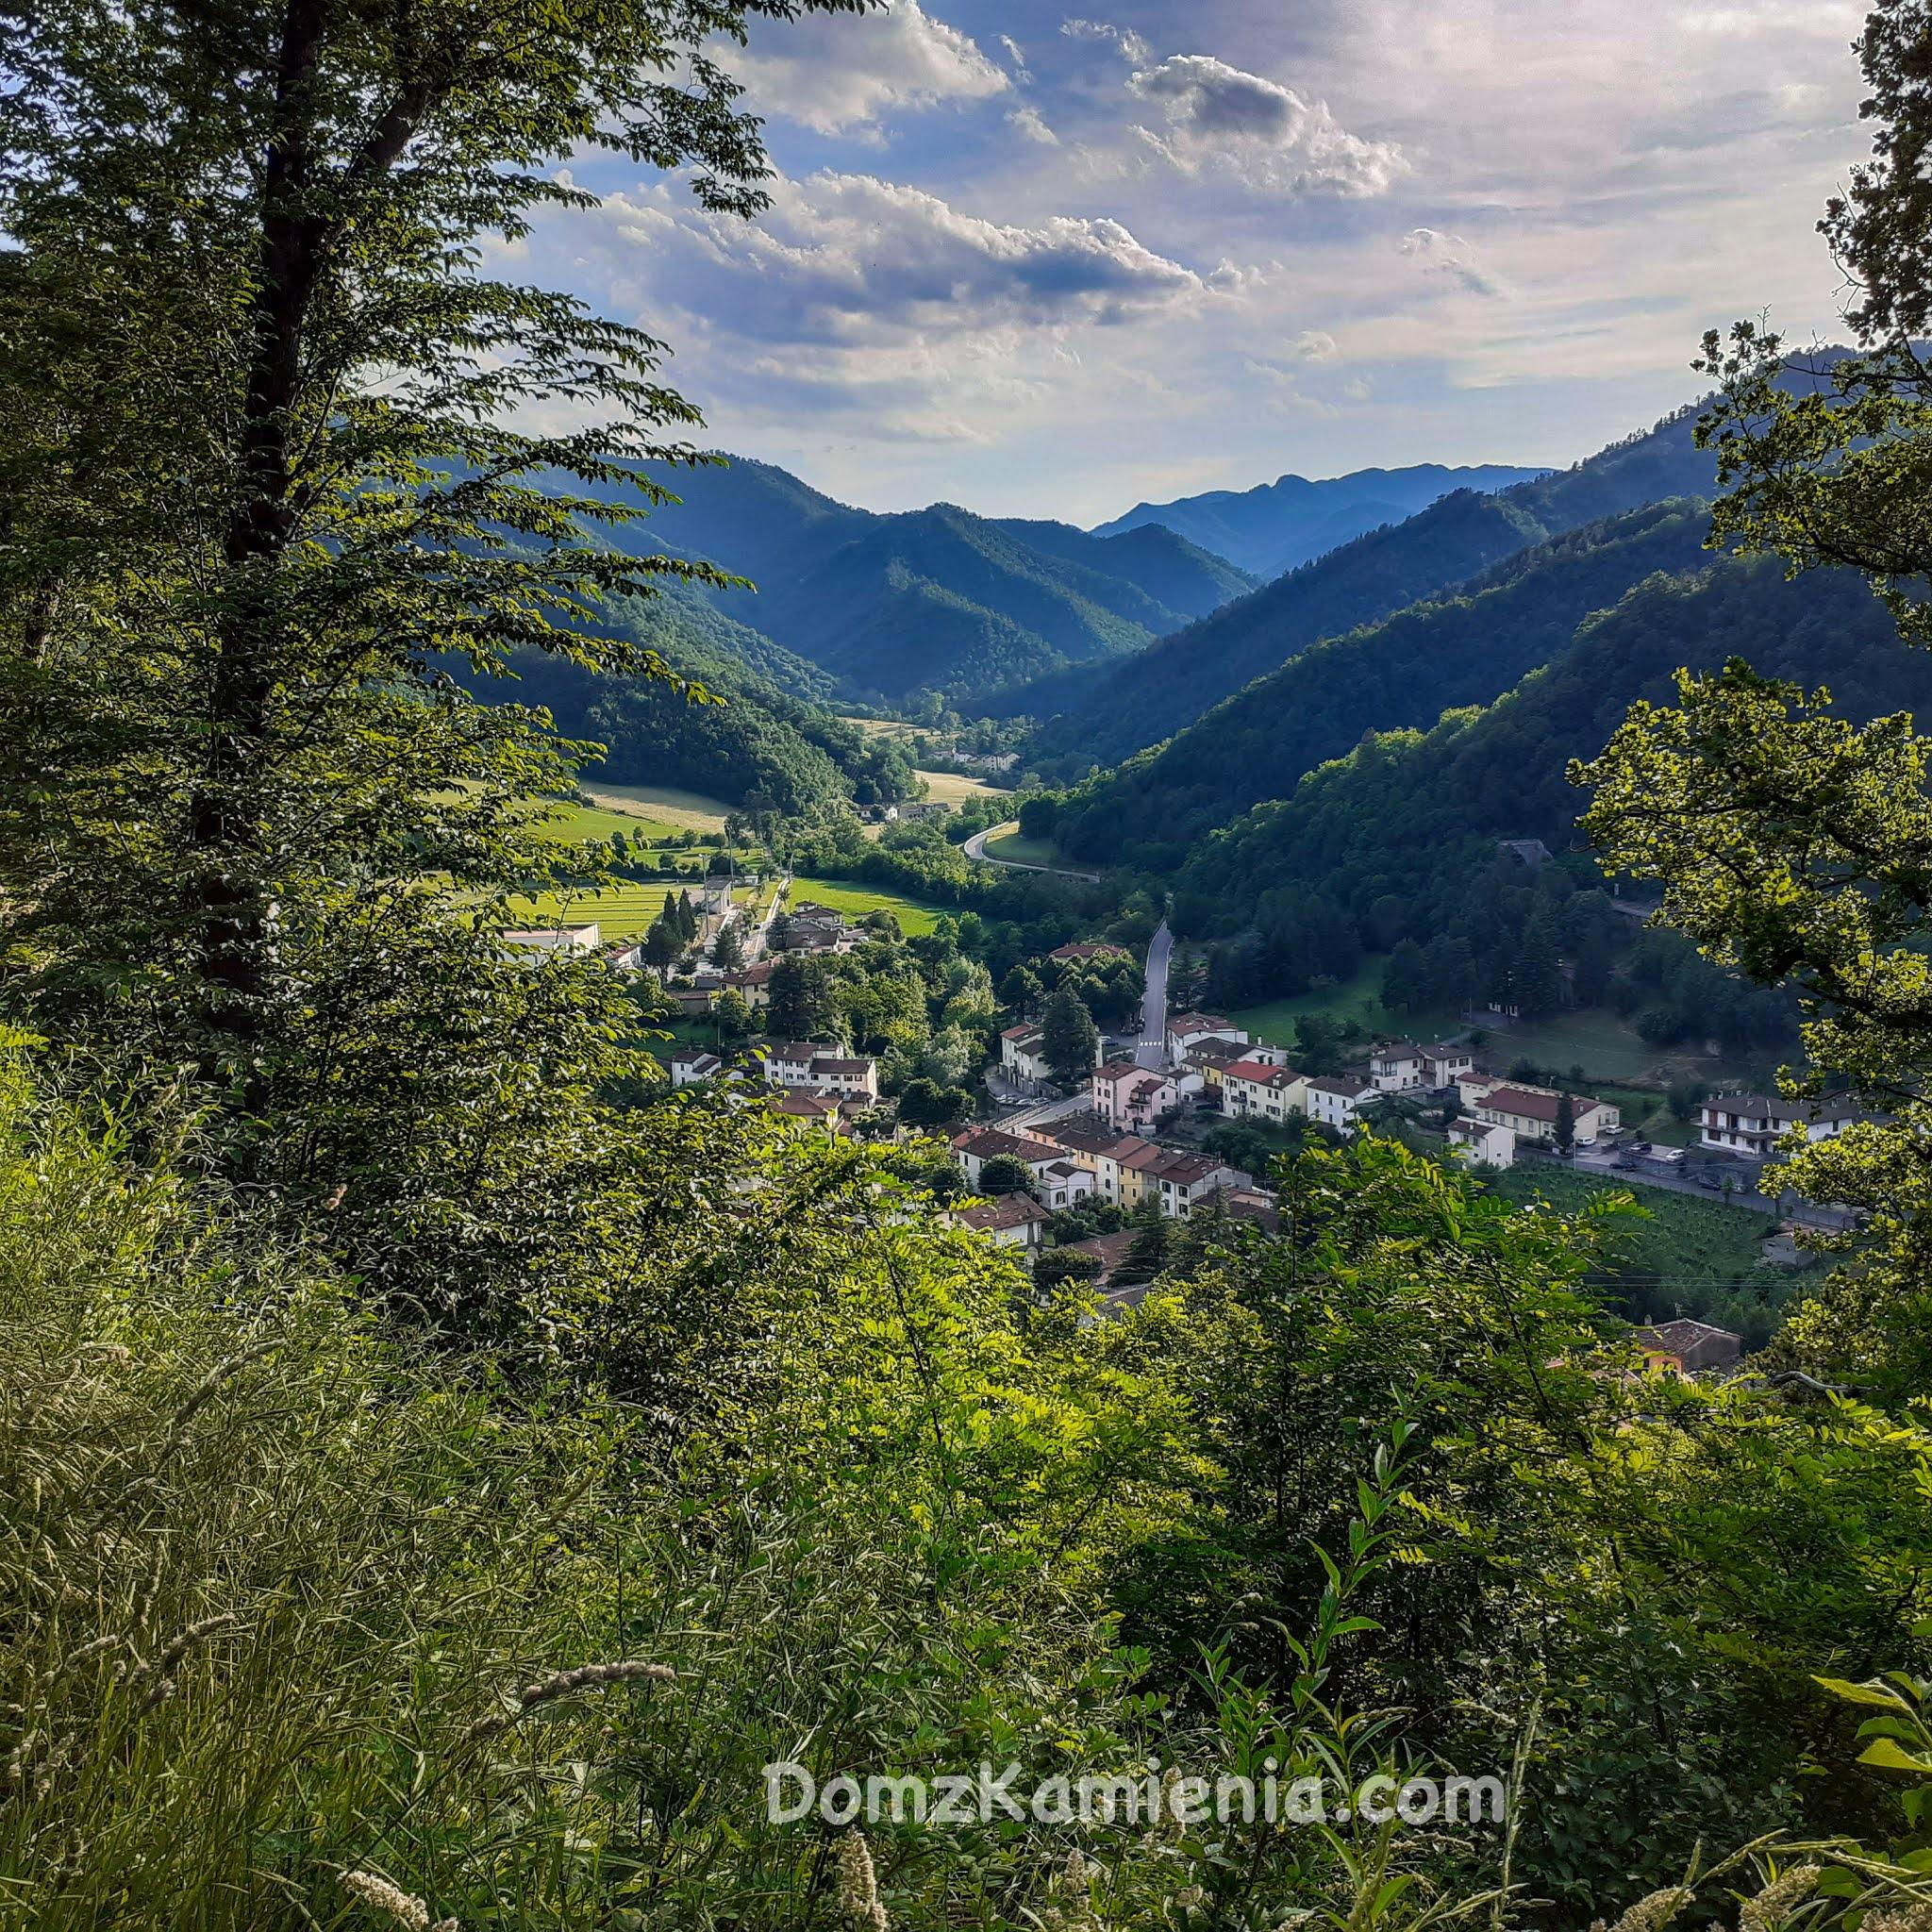 Dom z Kamienia, blog o życiu w Toskanii, Marradi